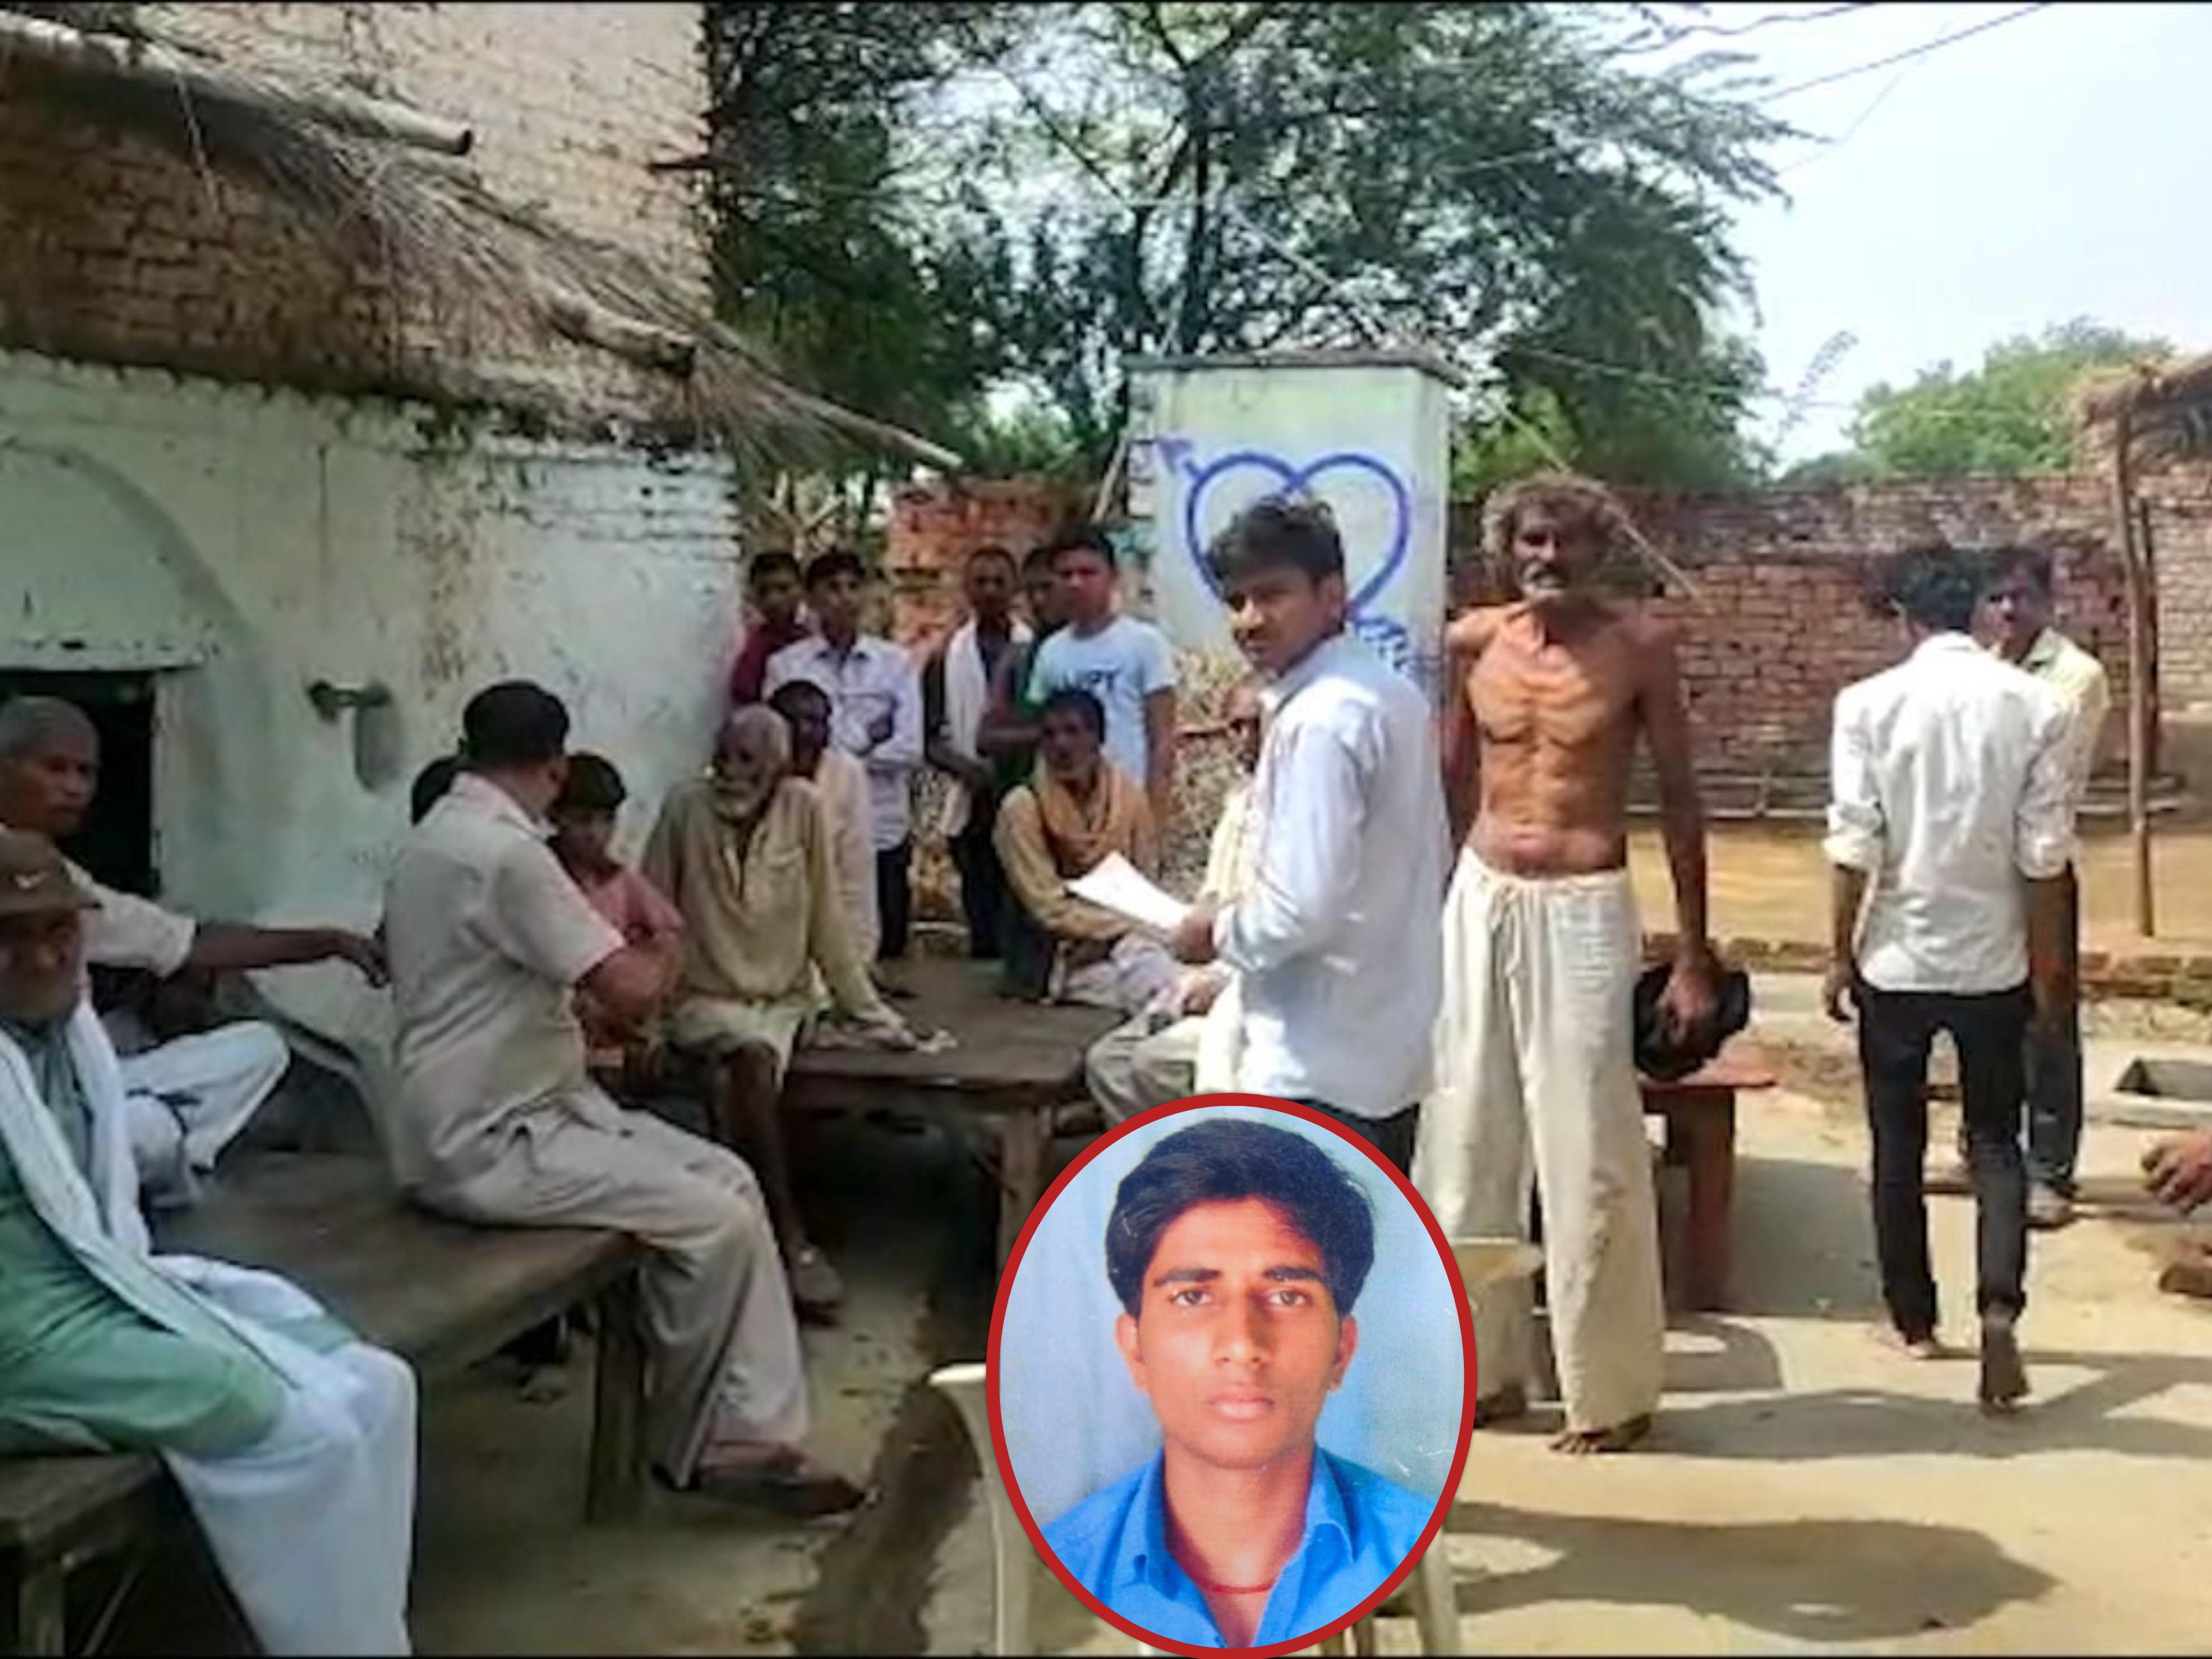 खुशियों के बीच घर में पसरा मौत का सन्नाटा; 17 को थी शादी, करंट लगने से मौत|झांसी,Jhansi - Dainik Bhaskar